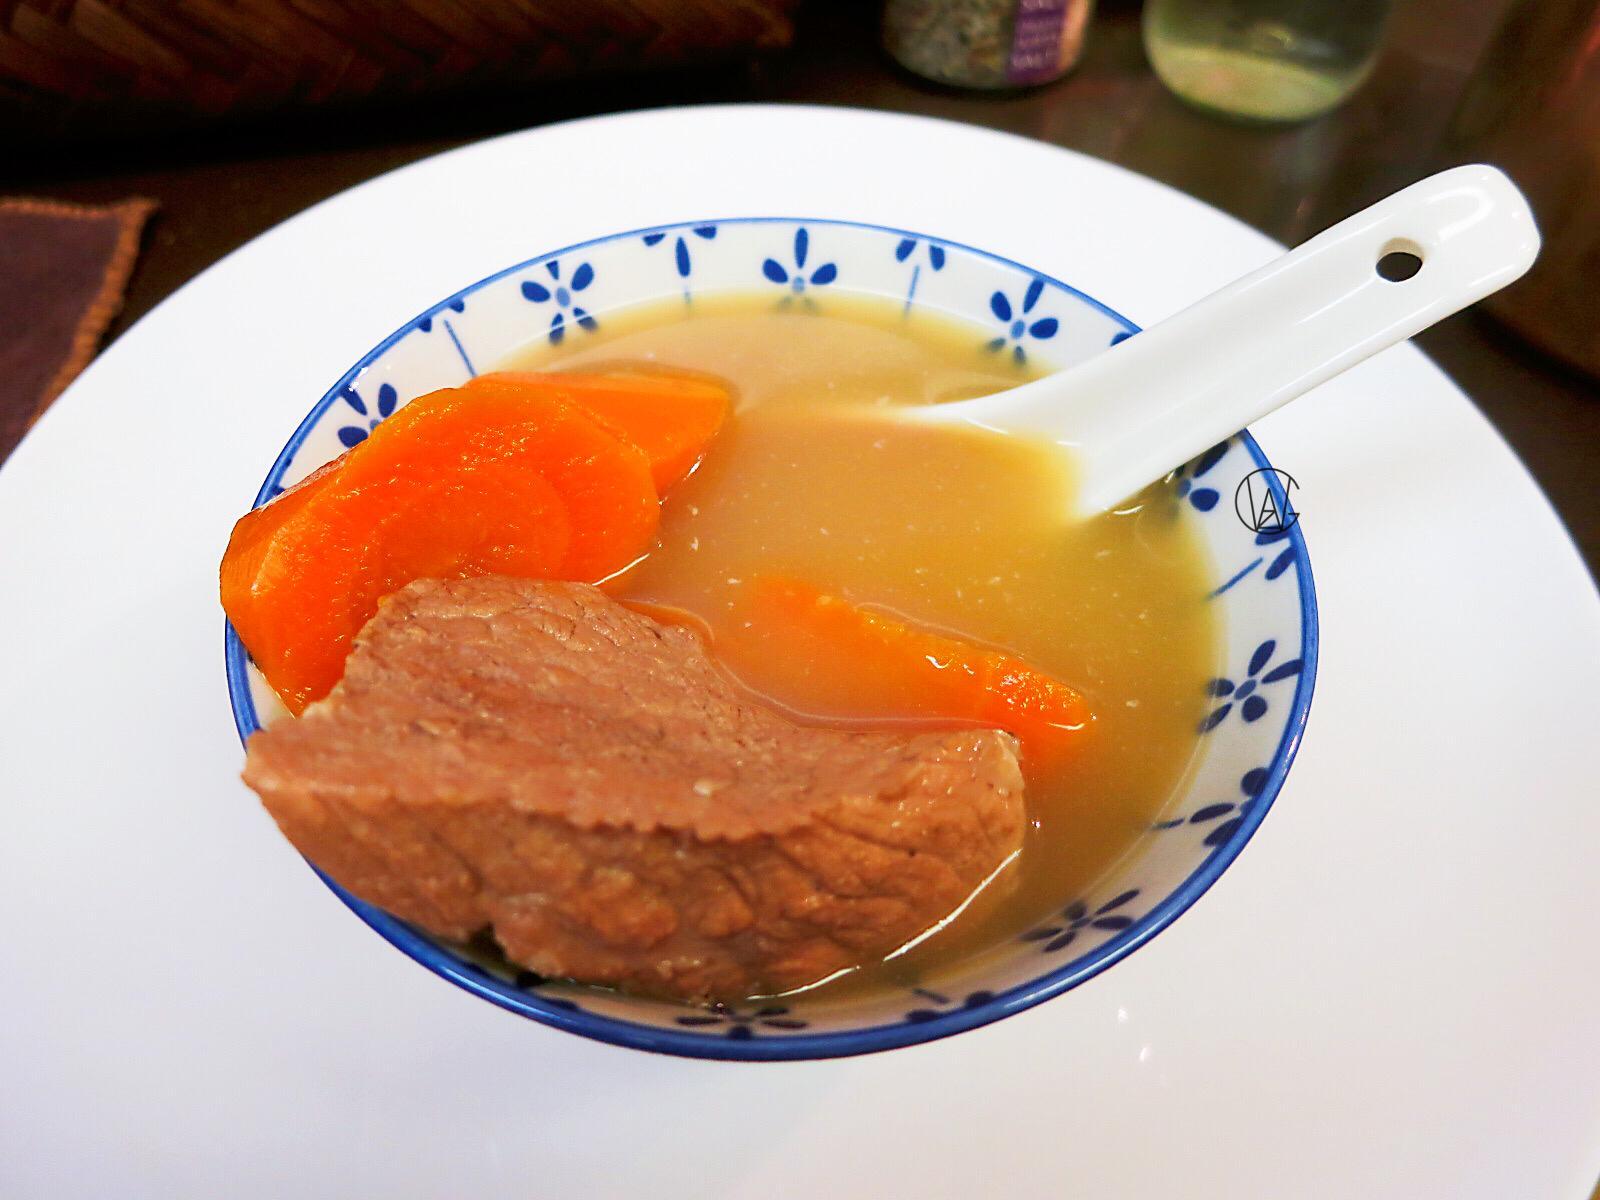 【袪濕湯水】轉季濕疹發?中醫推介袪濕湯料 粉葛瑪卡紅蘿蔔煲鯪魚湯